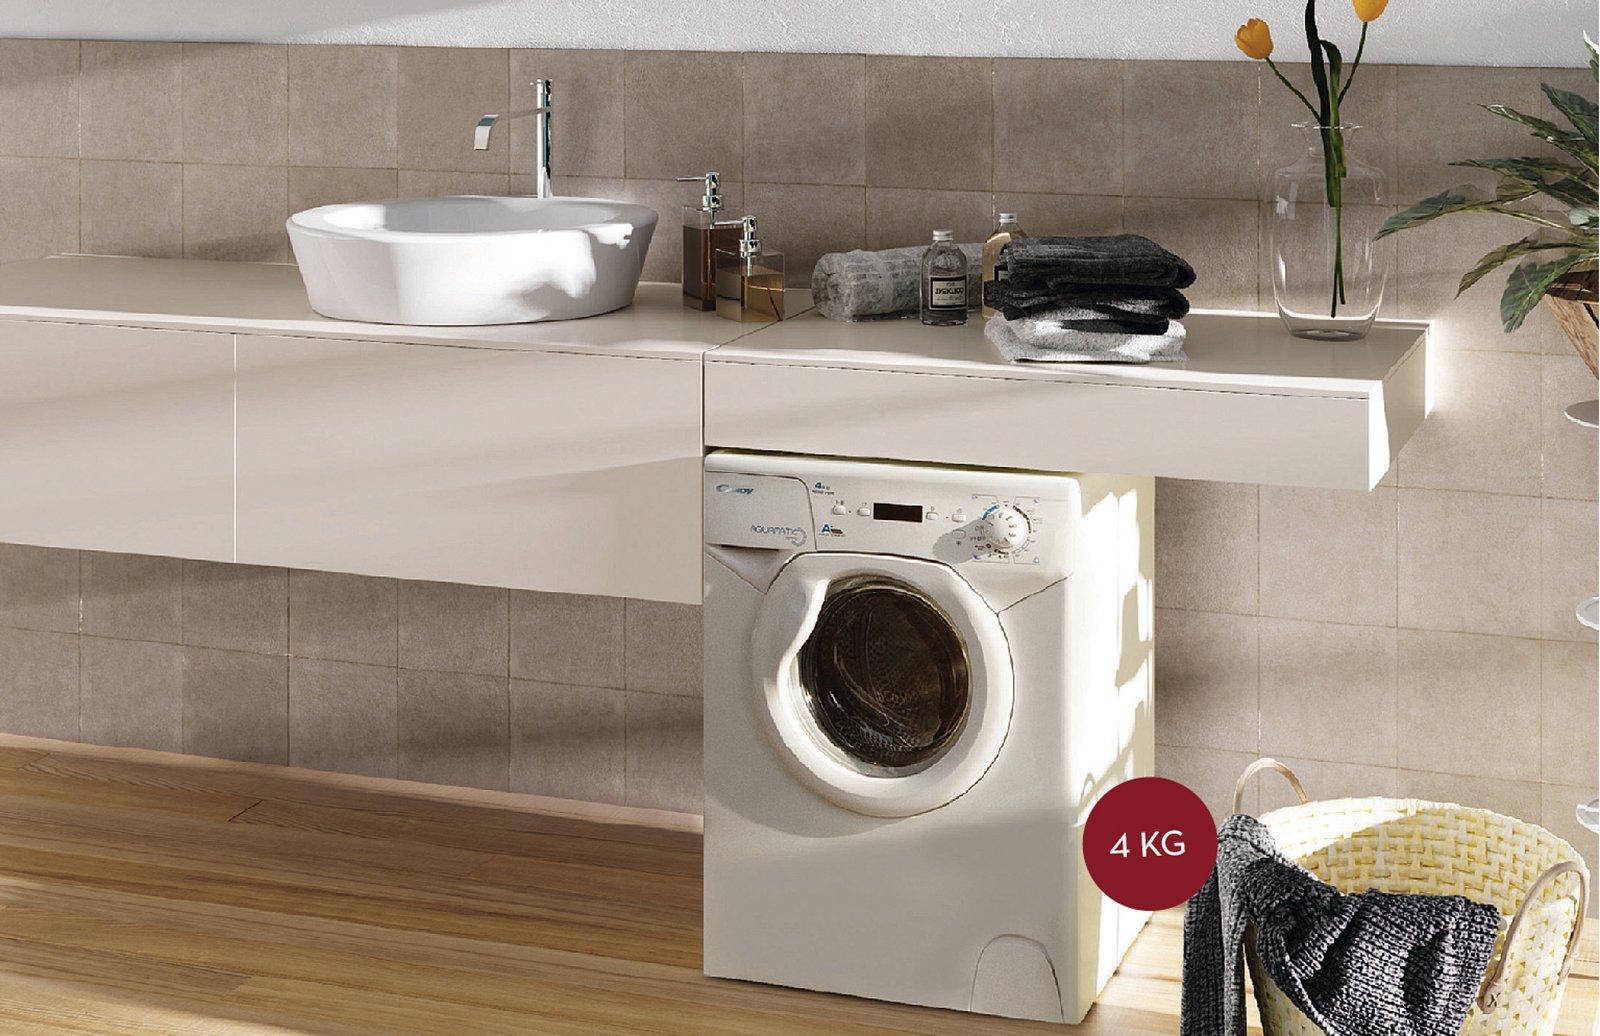 Lavatrici piccole tecnologia e praticit cose di casa - Lavatrici piccole dimensioni 33 cm ...